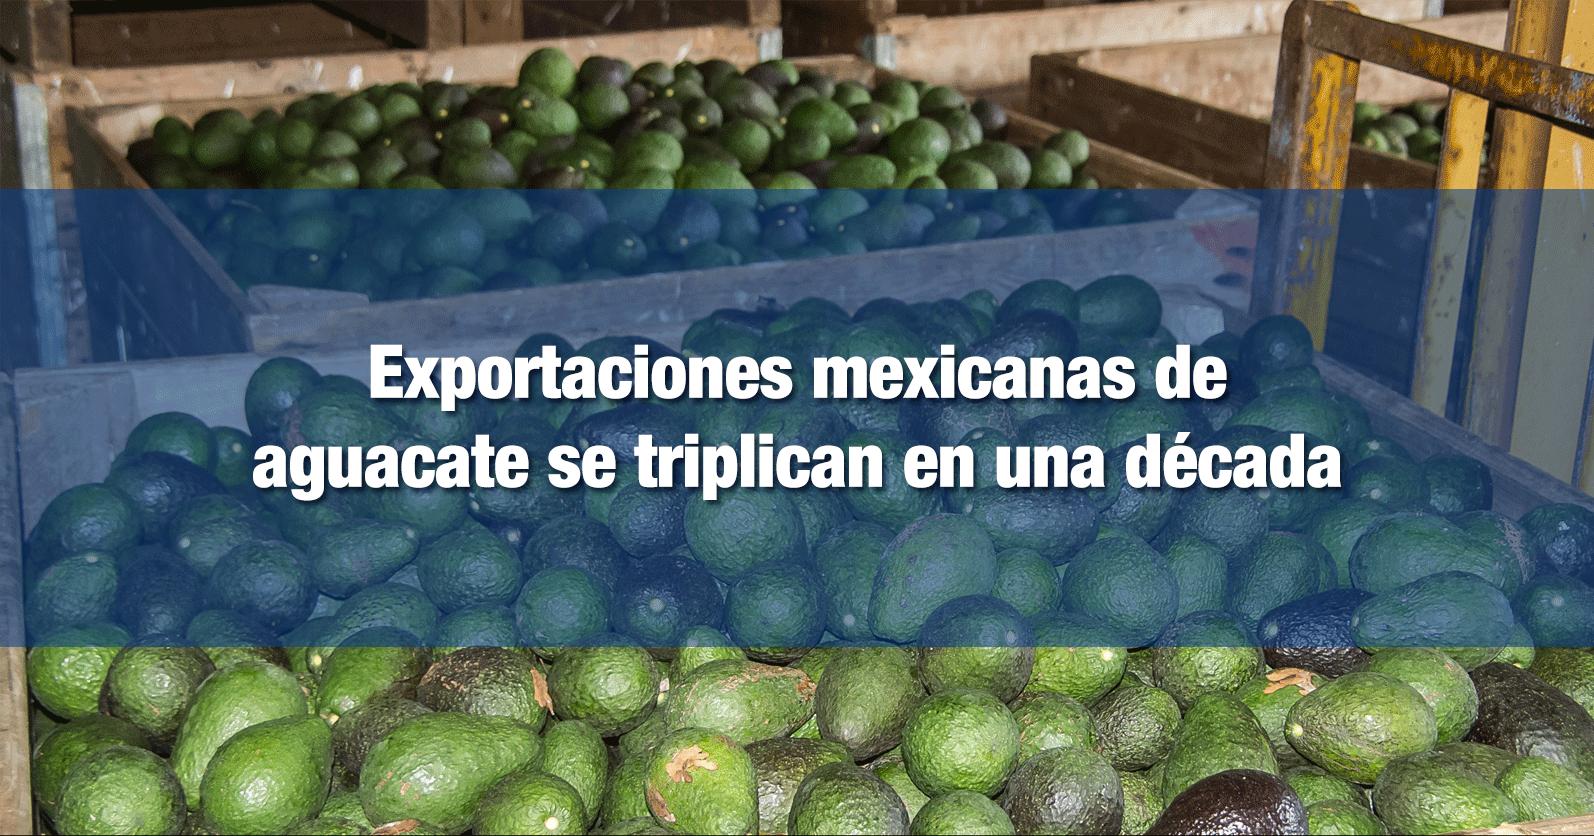 Exportaciones mexicanas de aguacate se triplican en una década